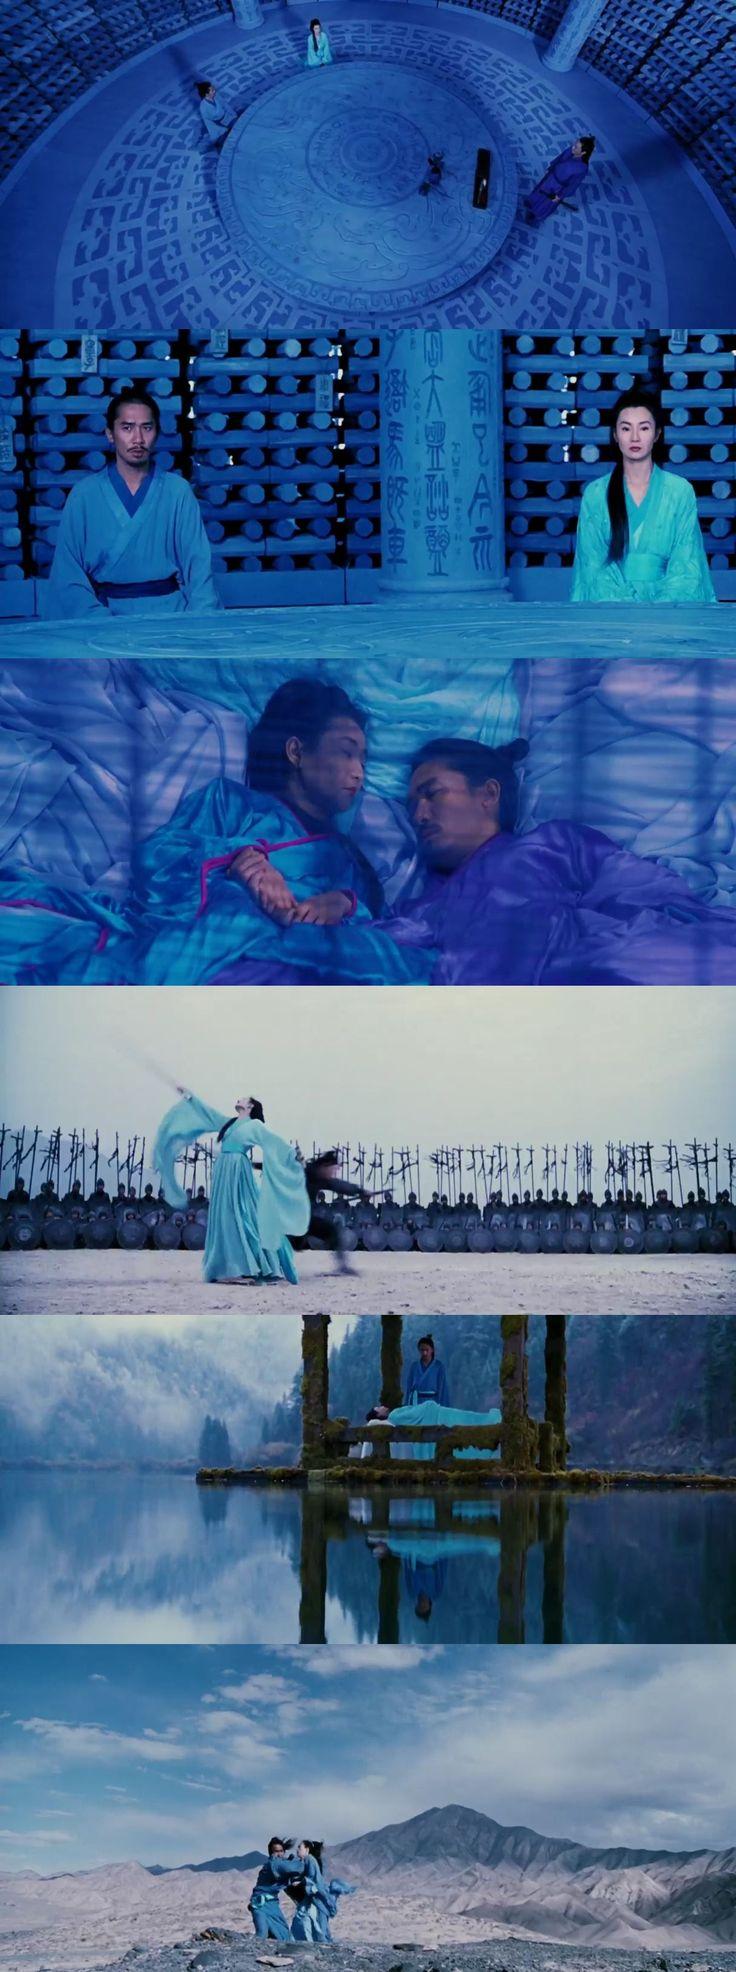 Hero (2002) Yimou Zhang Costume designer: Emi Wada Estante da Sala